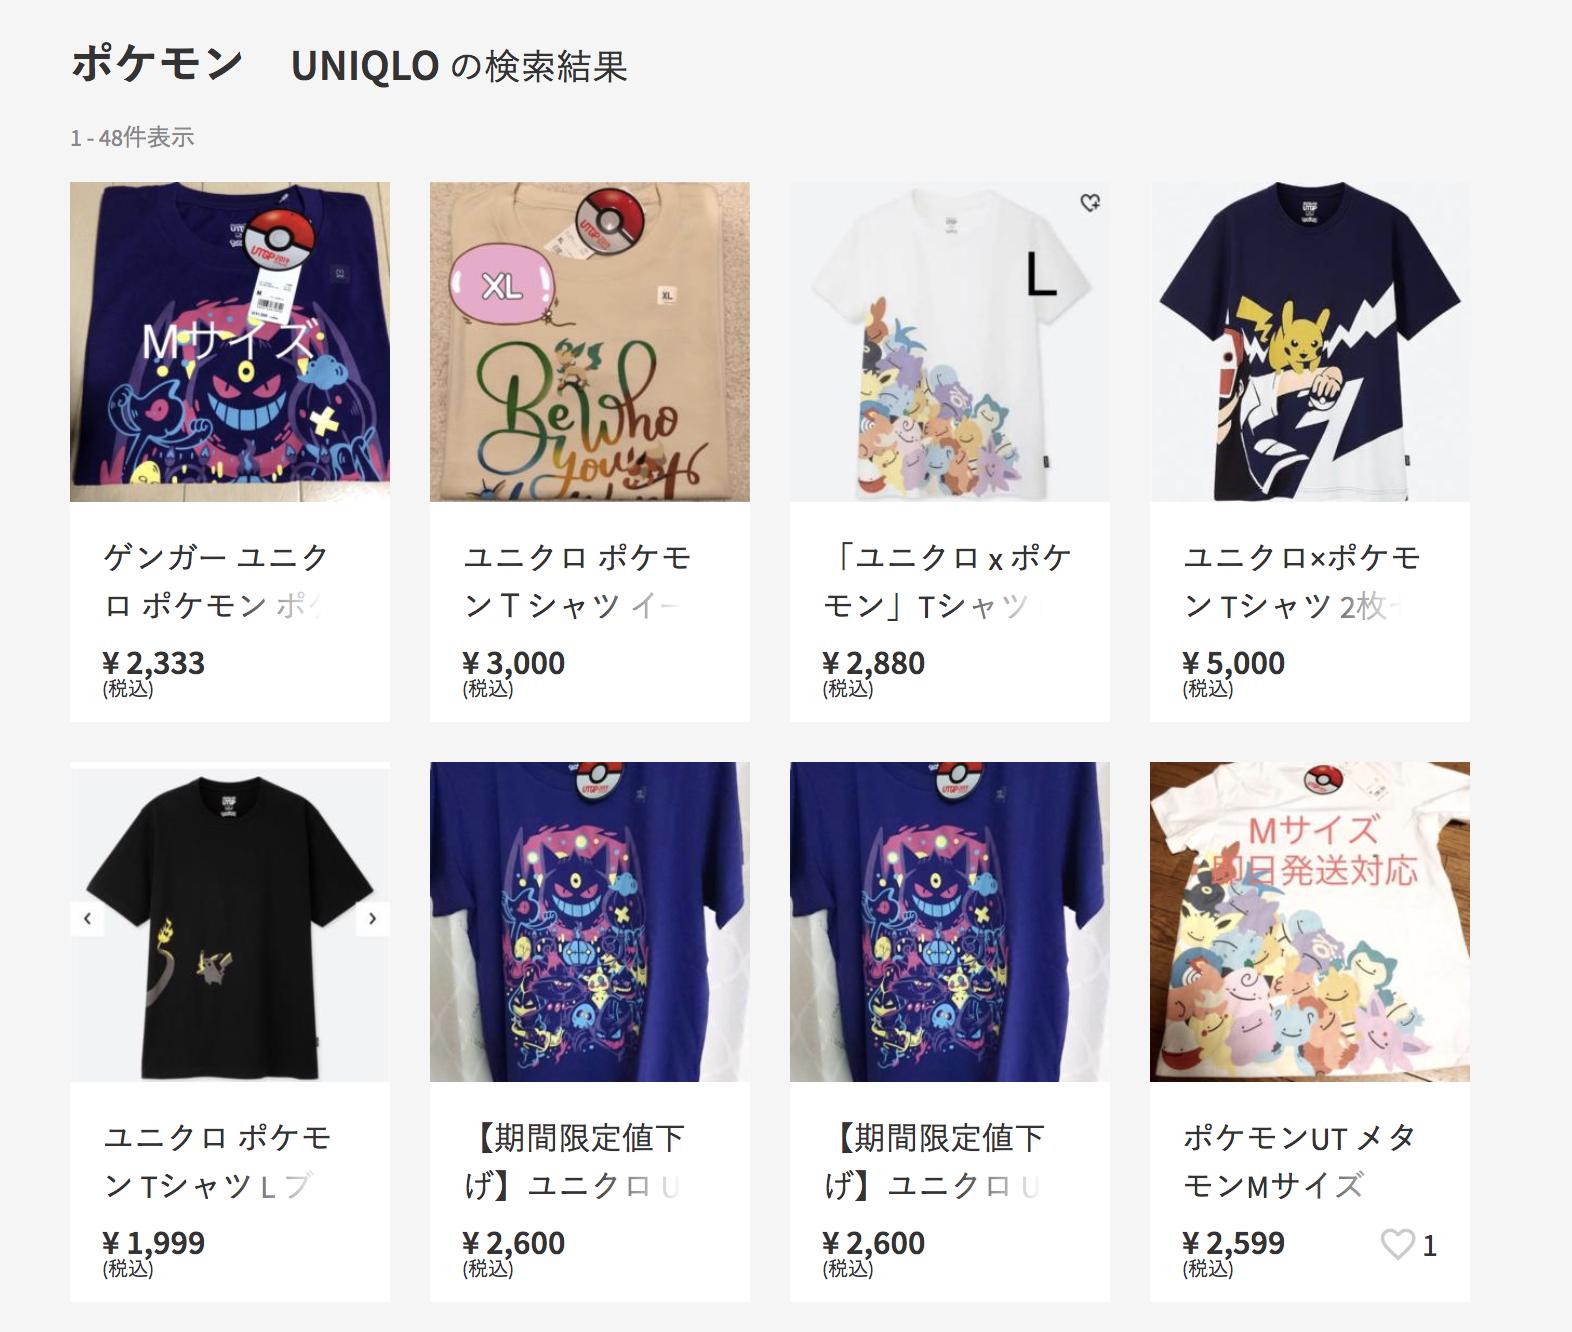 UNIQLO(ユニクロ) ポケモン Tシャツ 転売